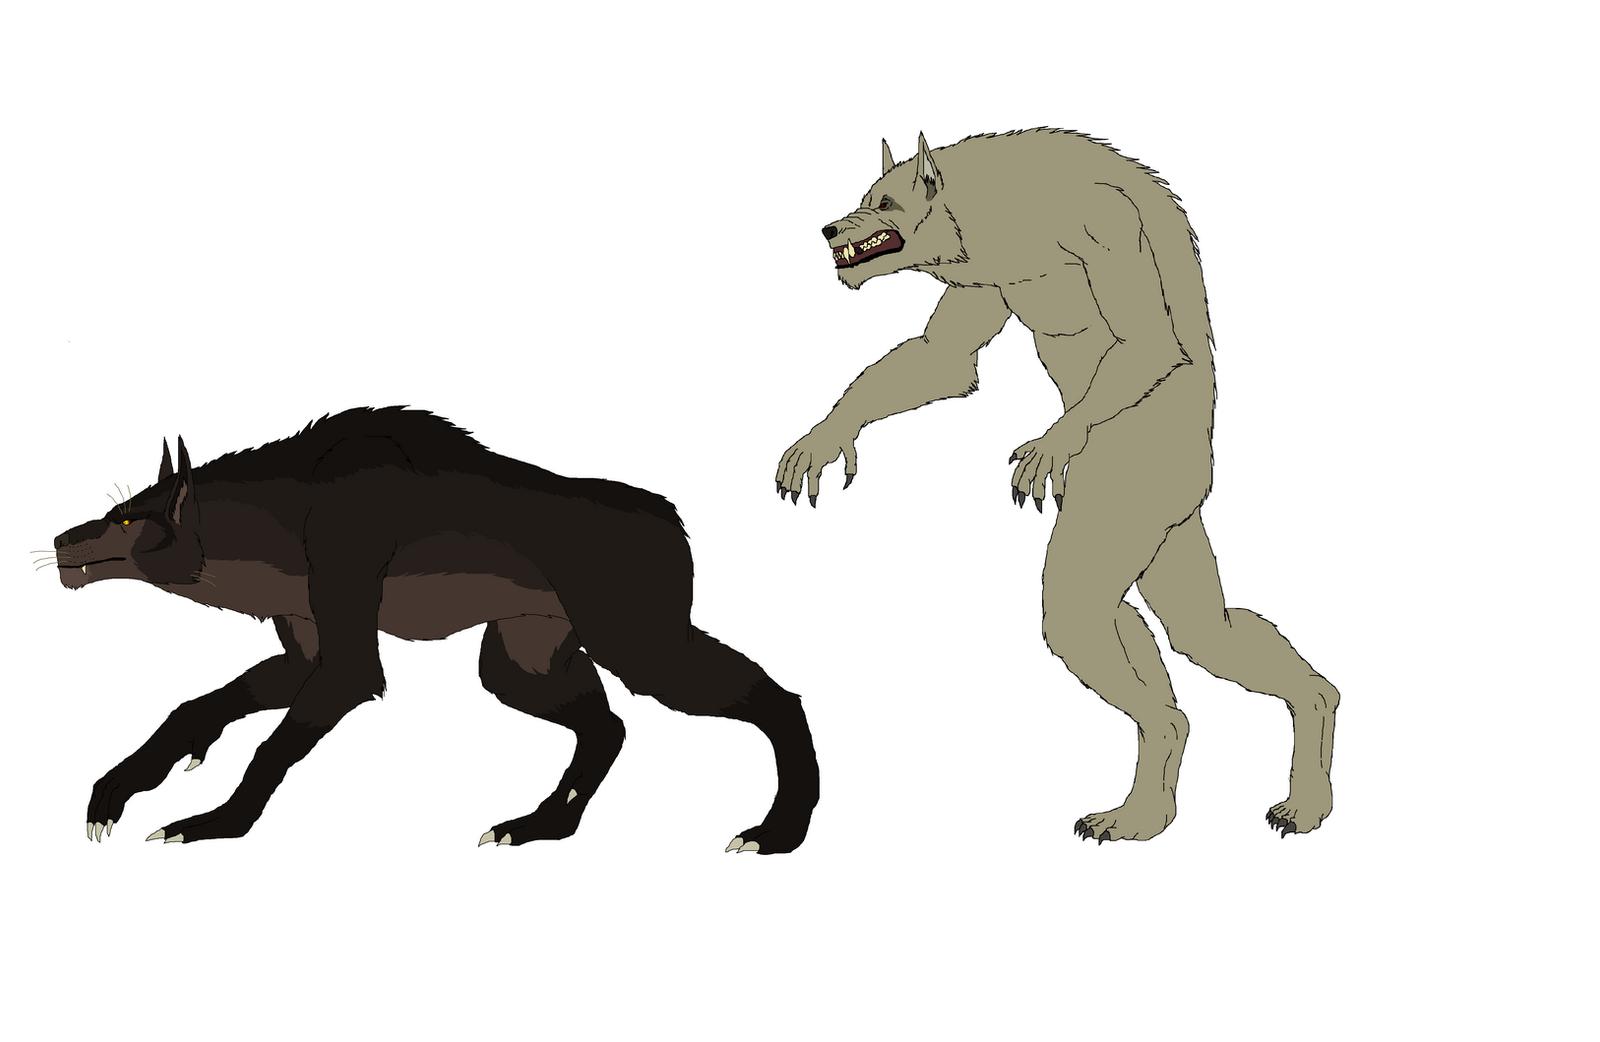 Bipedal Vs Quadrupedal werewolves Comparission by Redspets